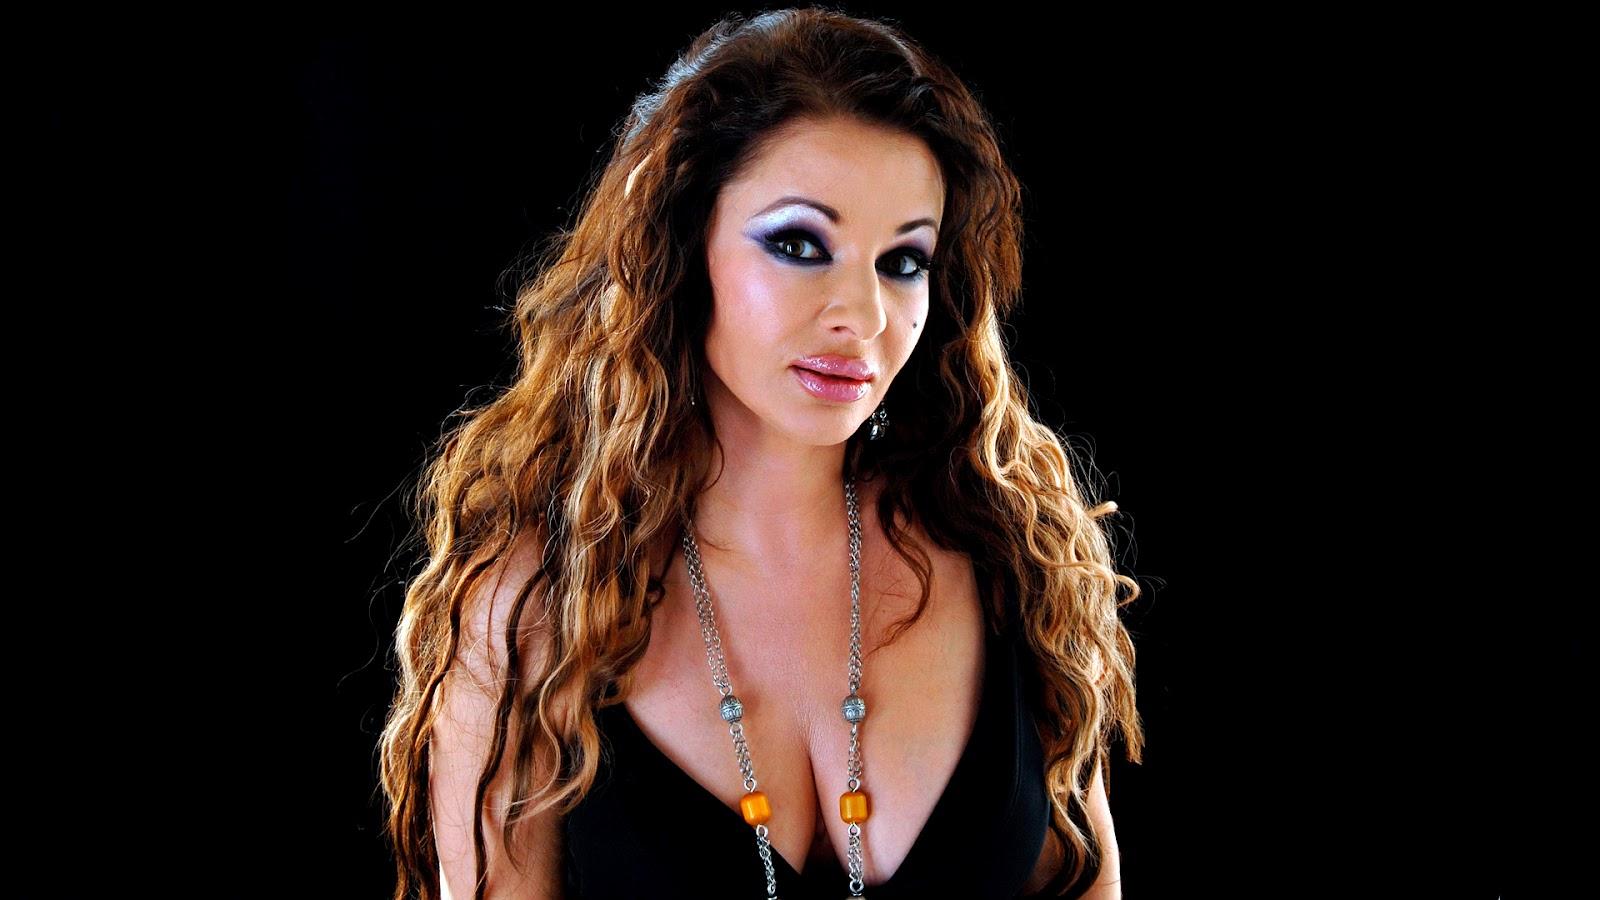 Natacha Atlas, Mısırlı müzisyen